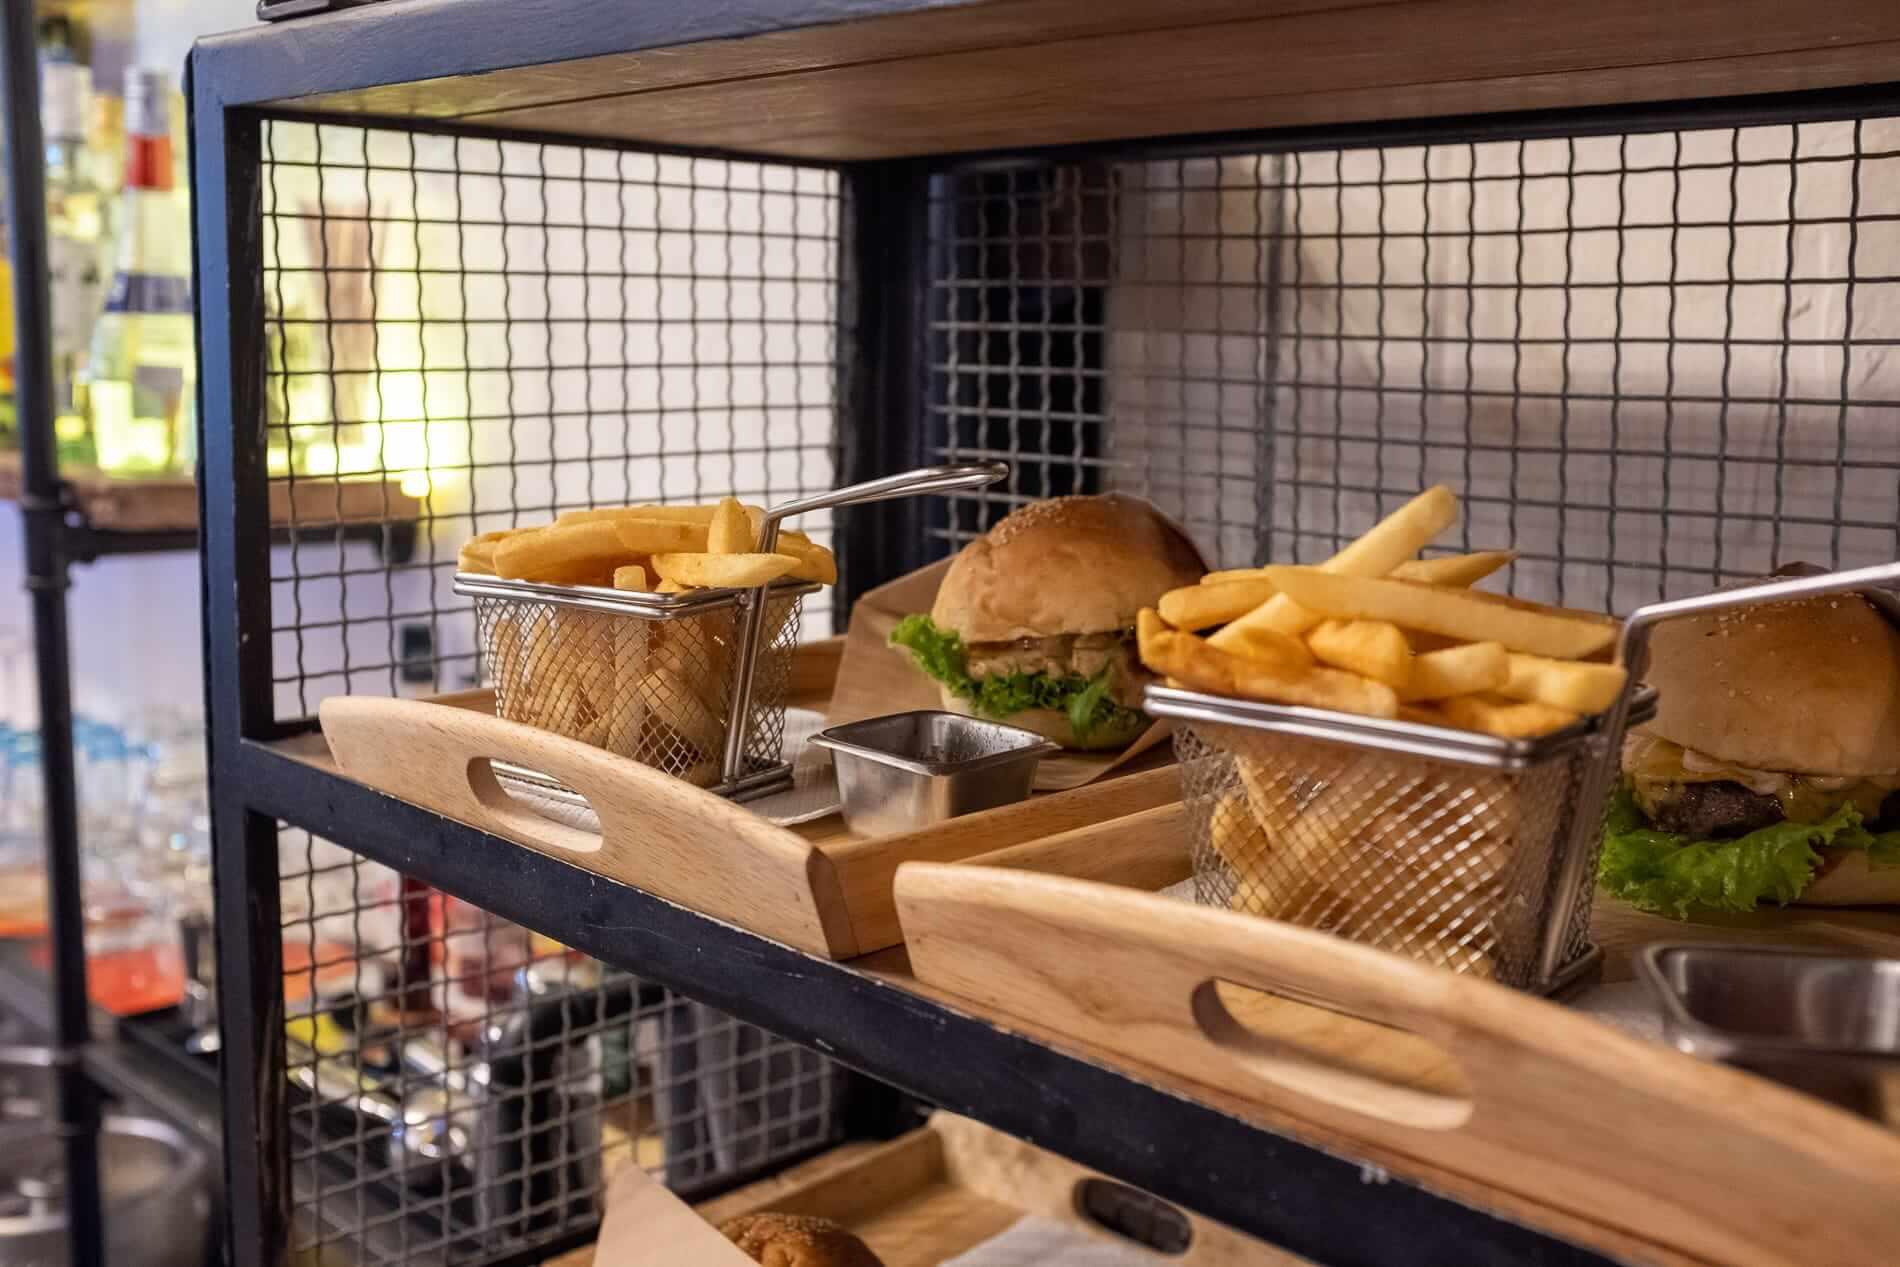 Burger and fries at Burger Craft